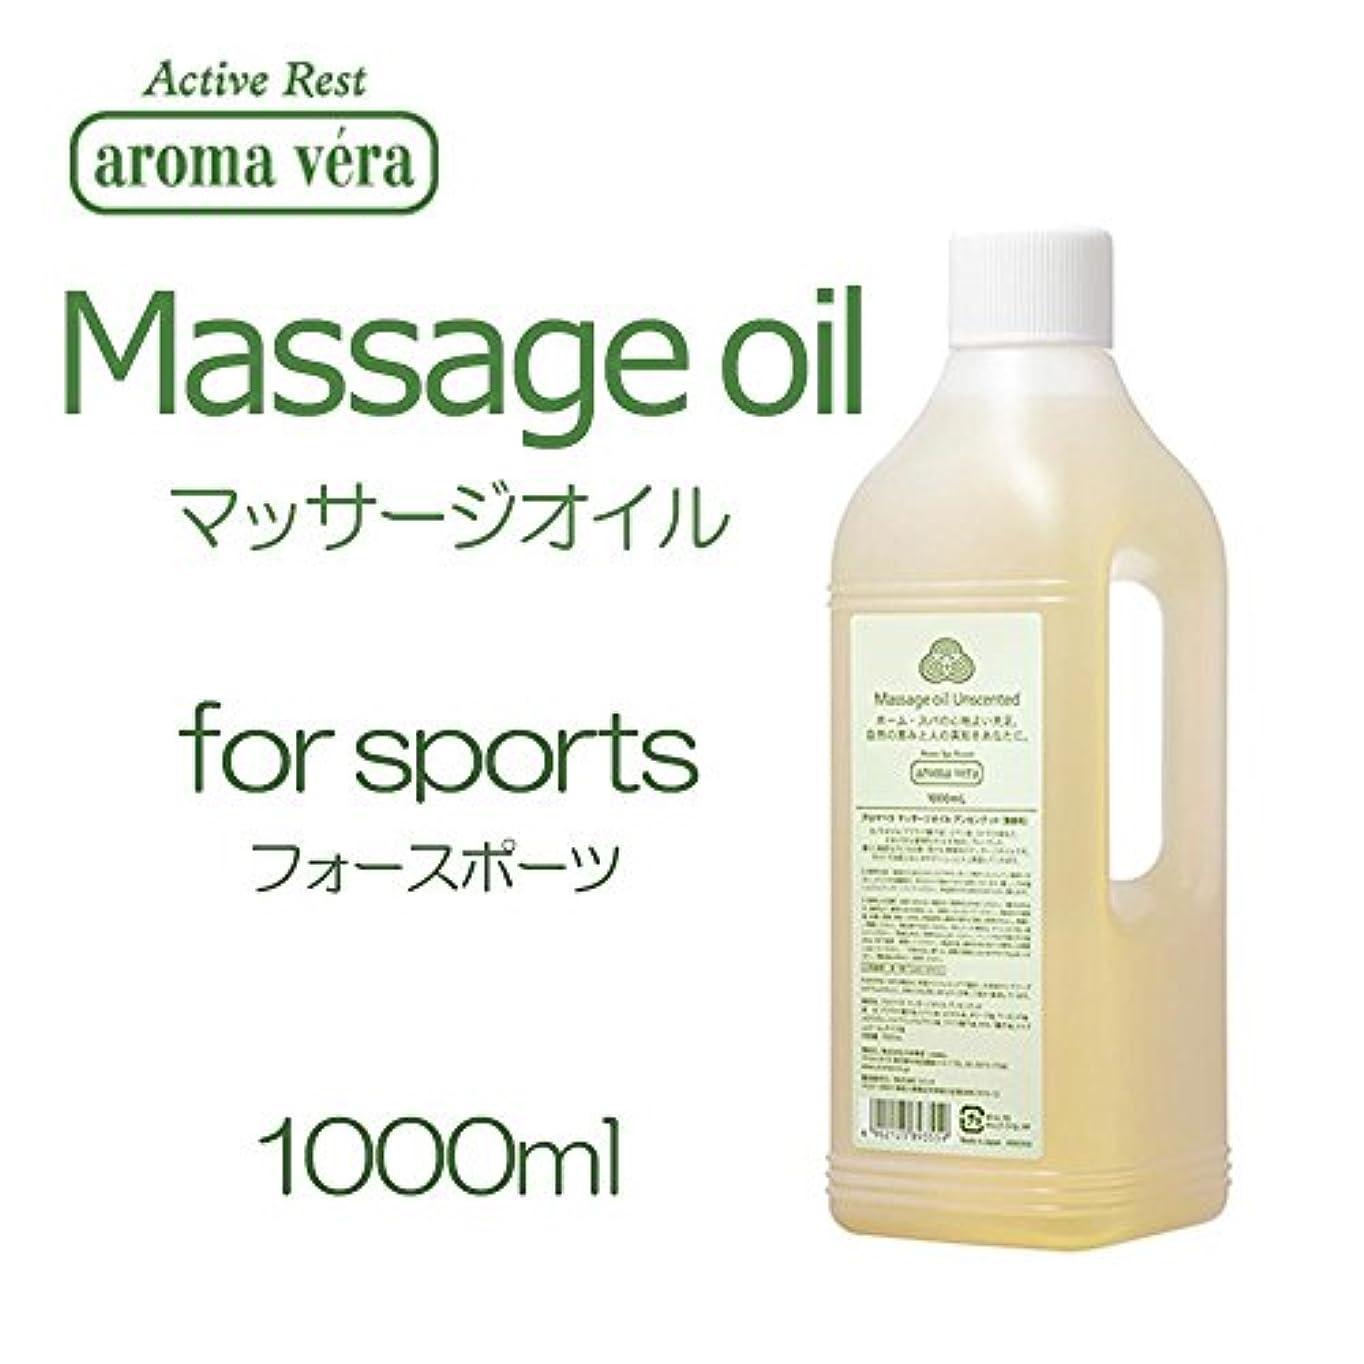 ジャグリングさわやか軽量aroma vera(アロマベラ) マッサージオイル フォースポーツ 1000ml